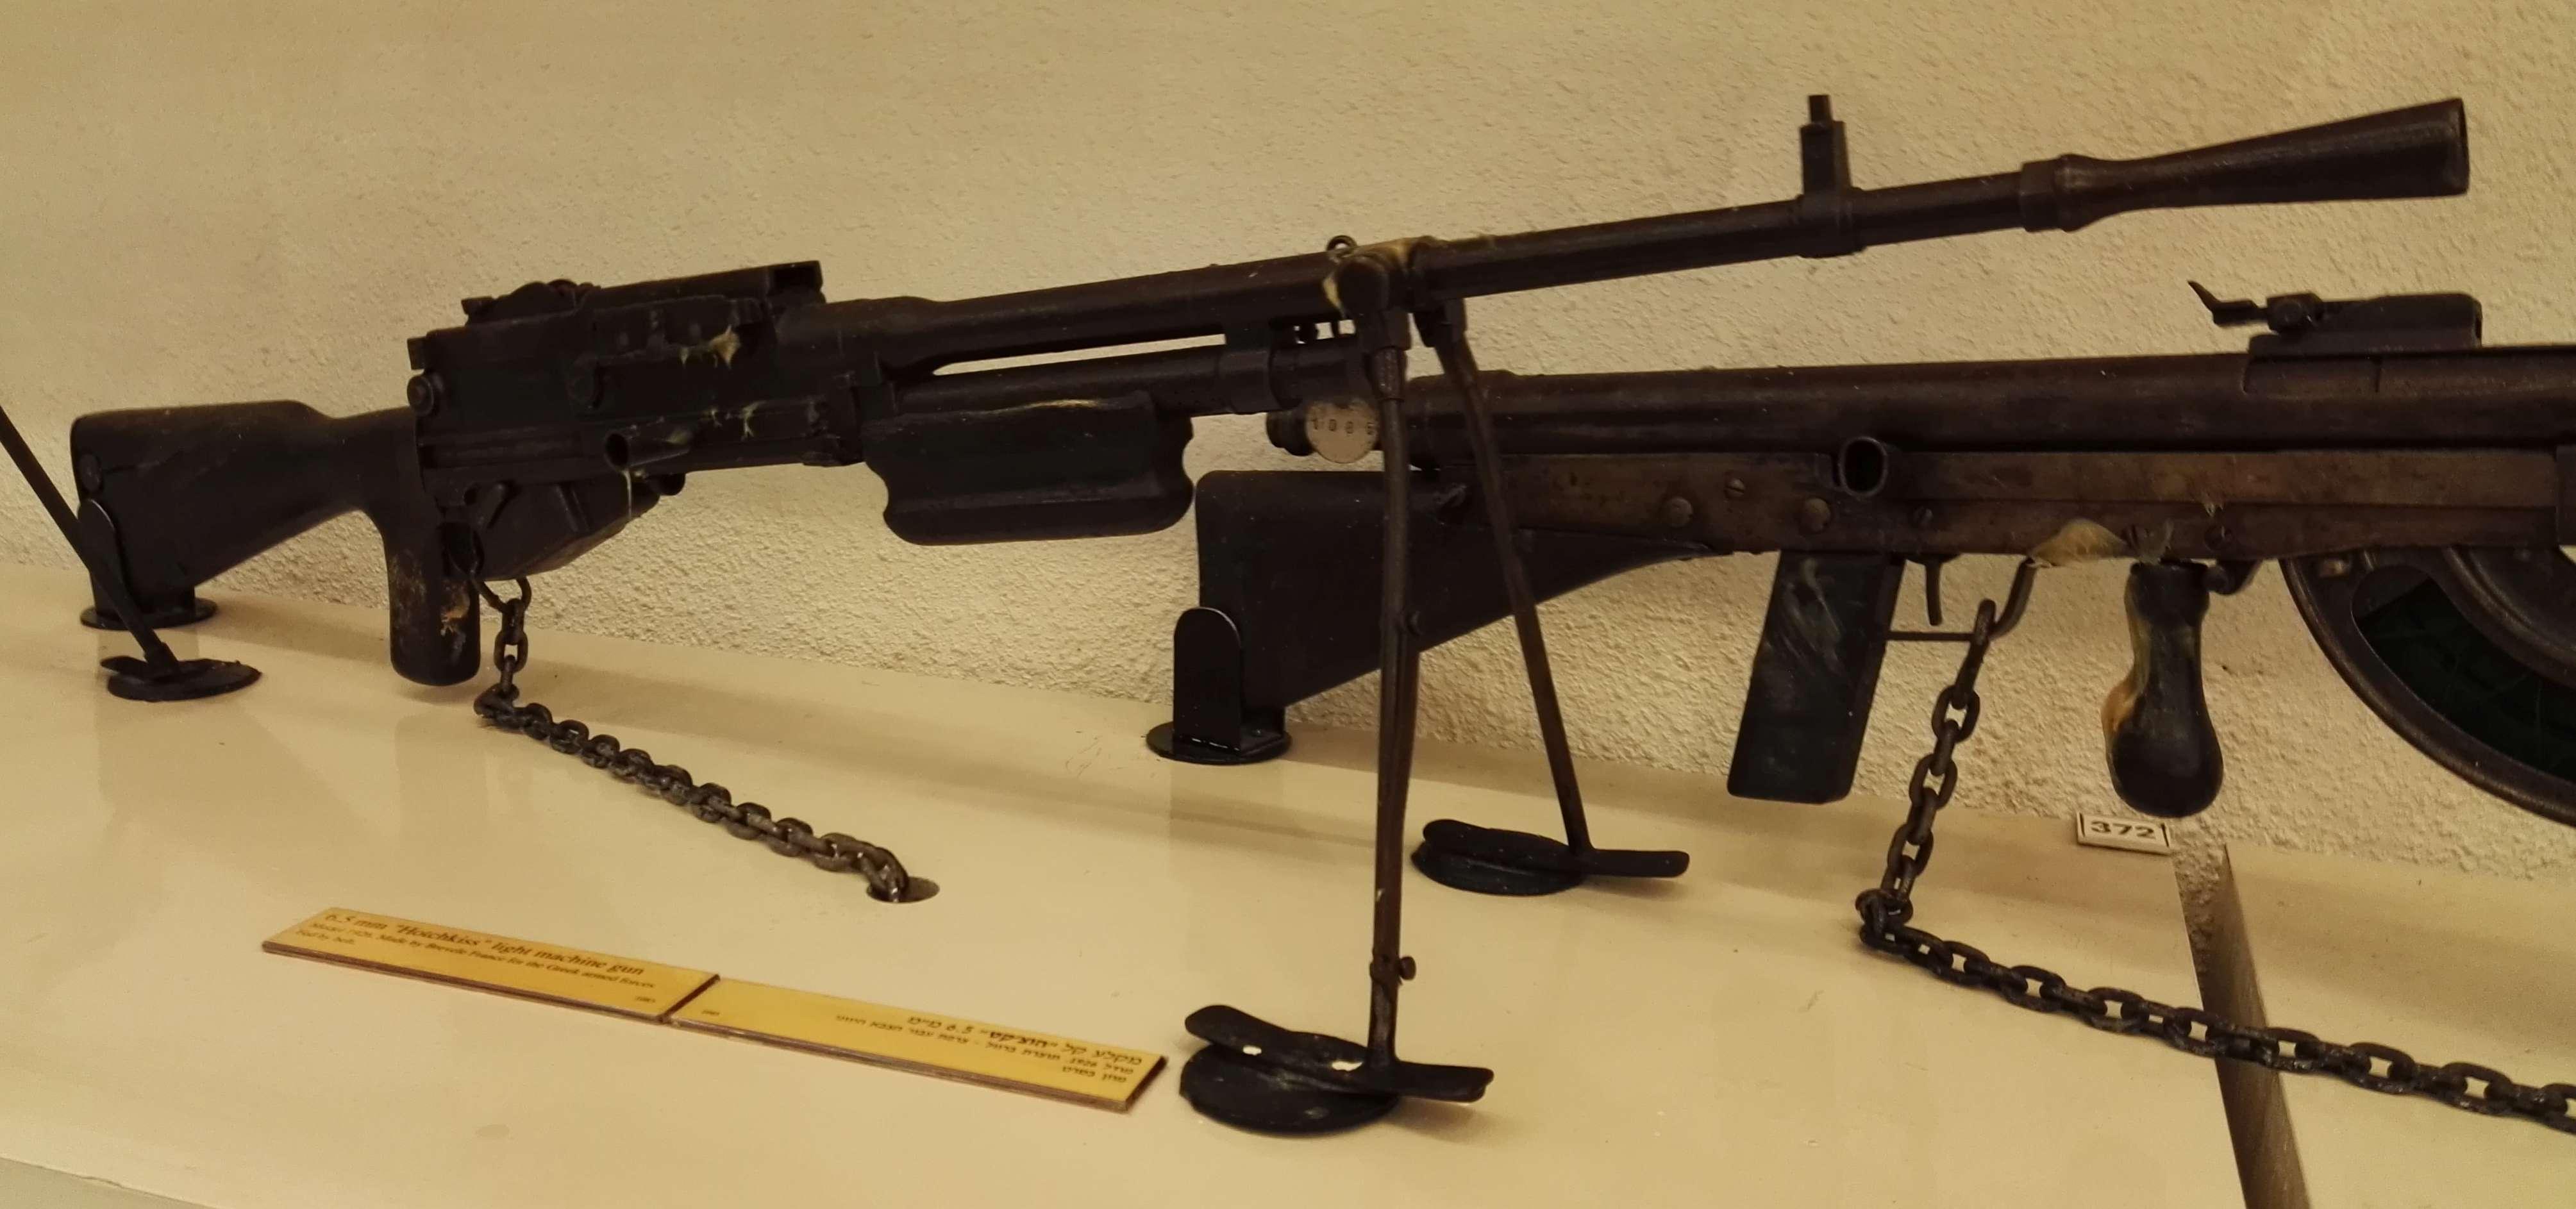 Hotchkiss M1922 machine gun - Wikipedia